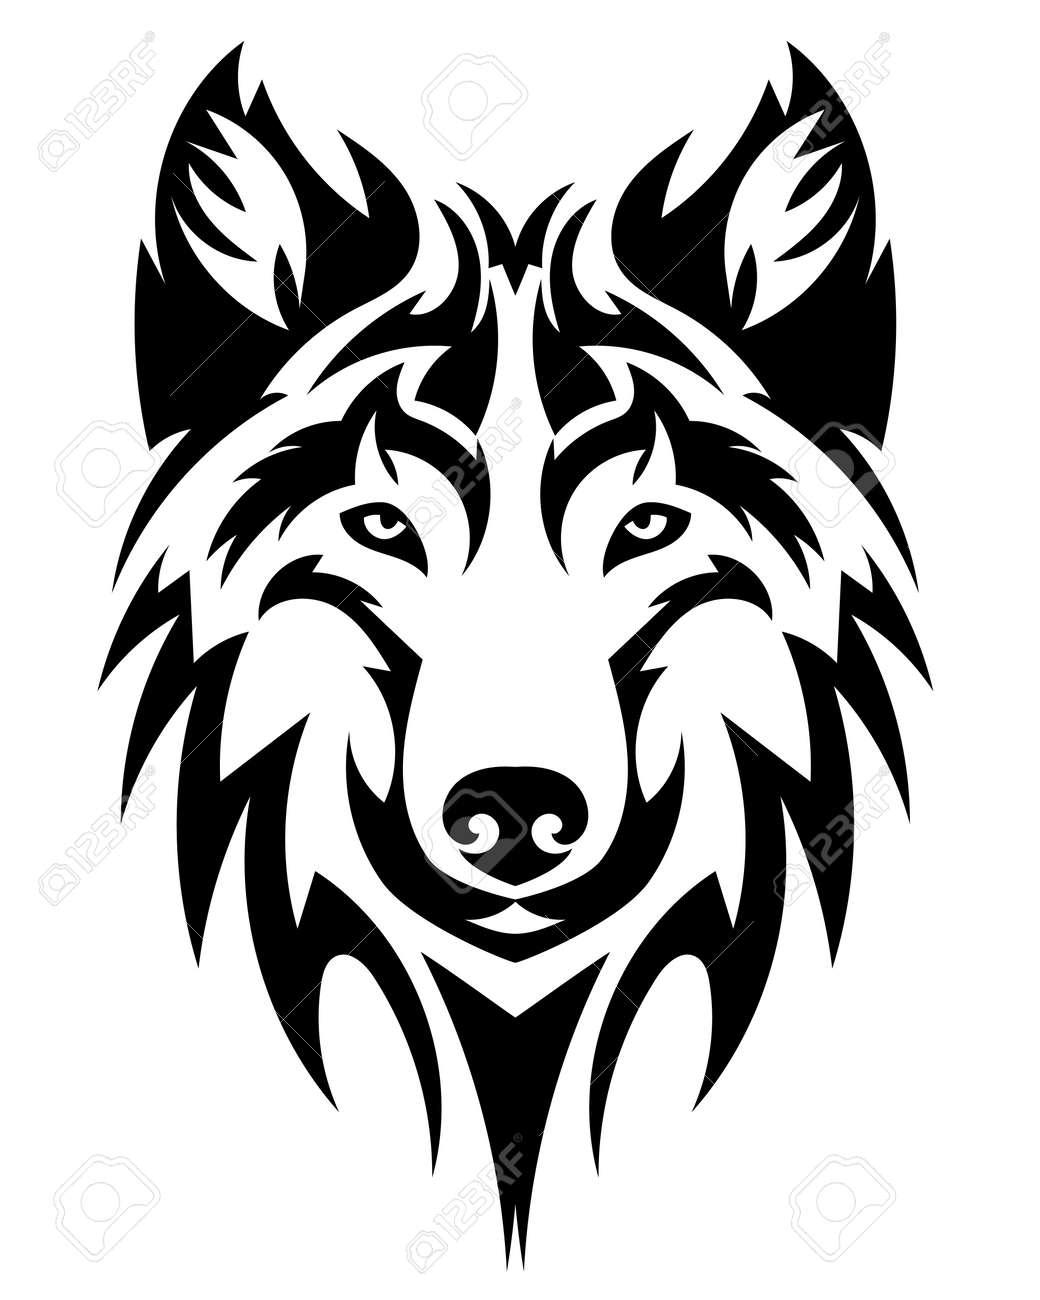 Cabeza De Lobo Hermoso Tattoovector De Lobo Como Un Elemento De